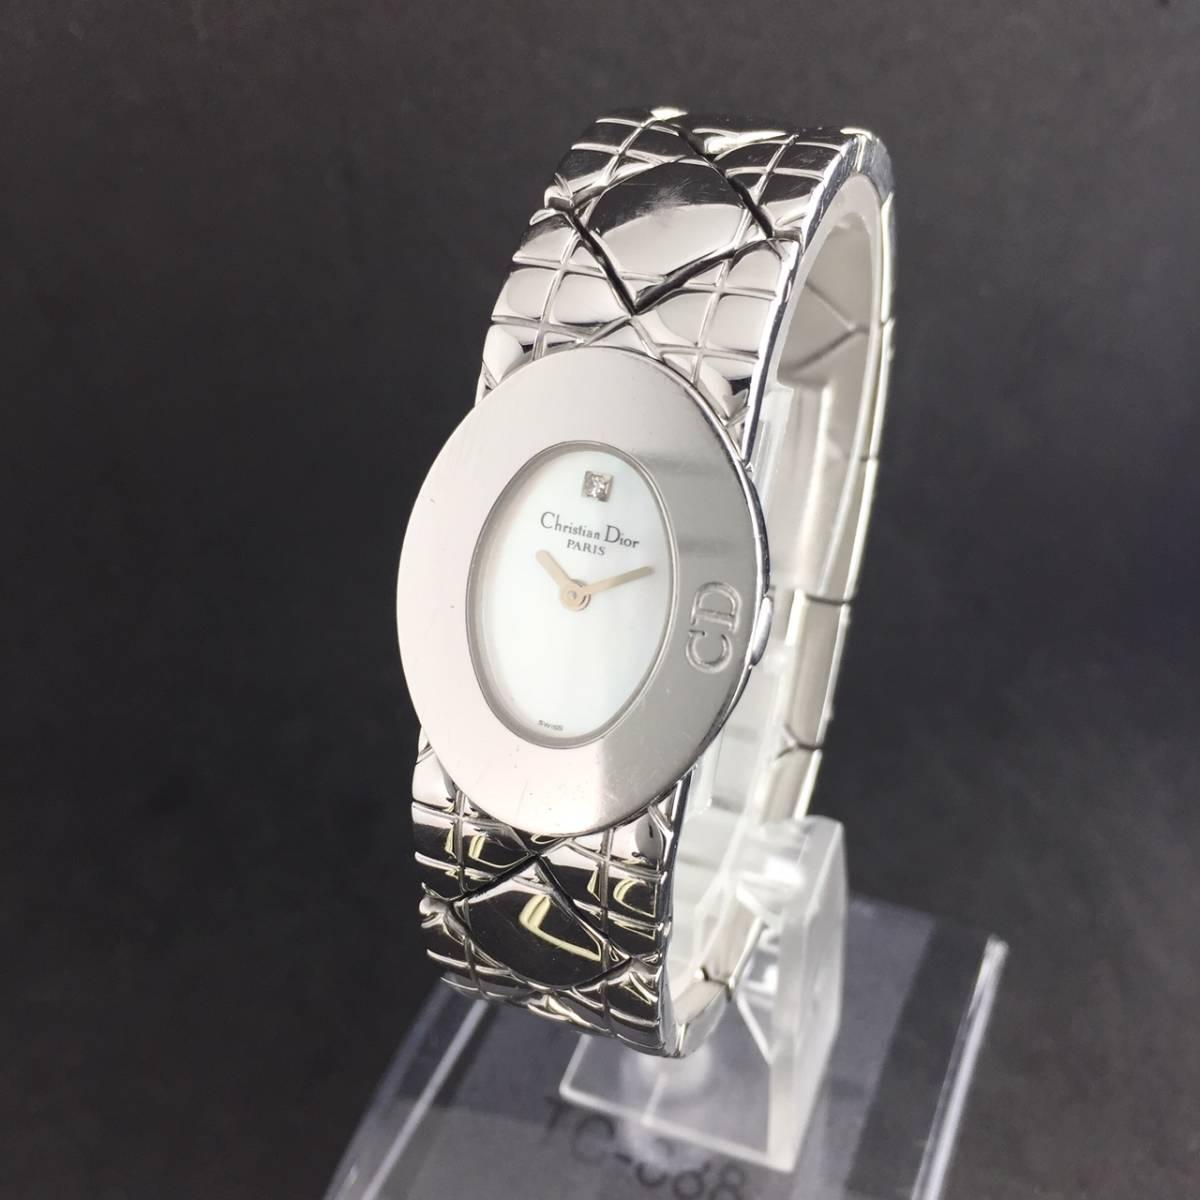 【1円良品】Christian Dior クリスチャン ディオール 腕時計 レディース D90-100 1P ダイヤ シェル文字盤 稼動品_画像3